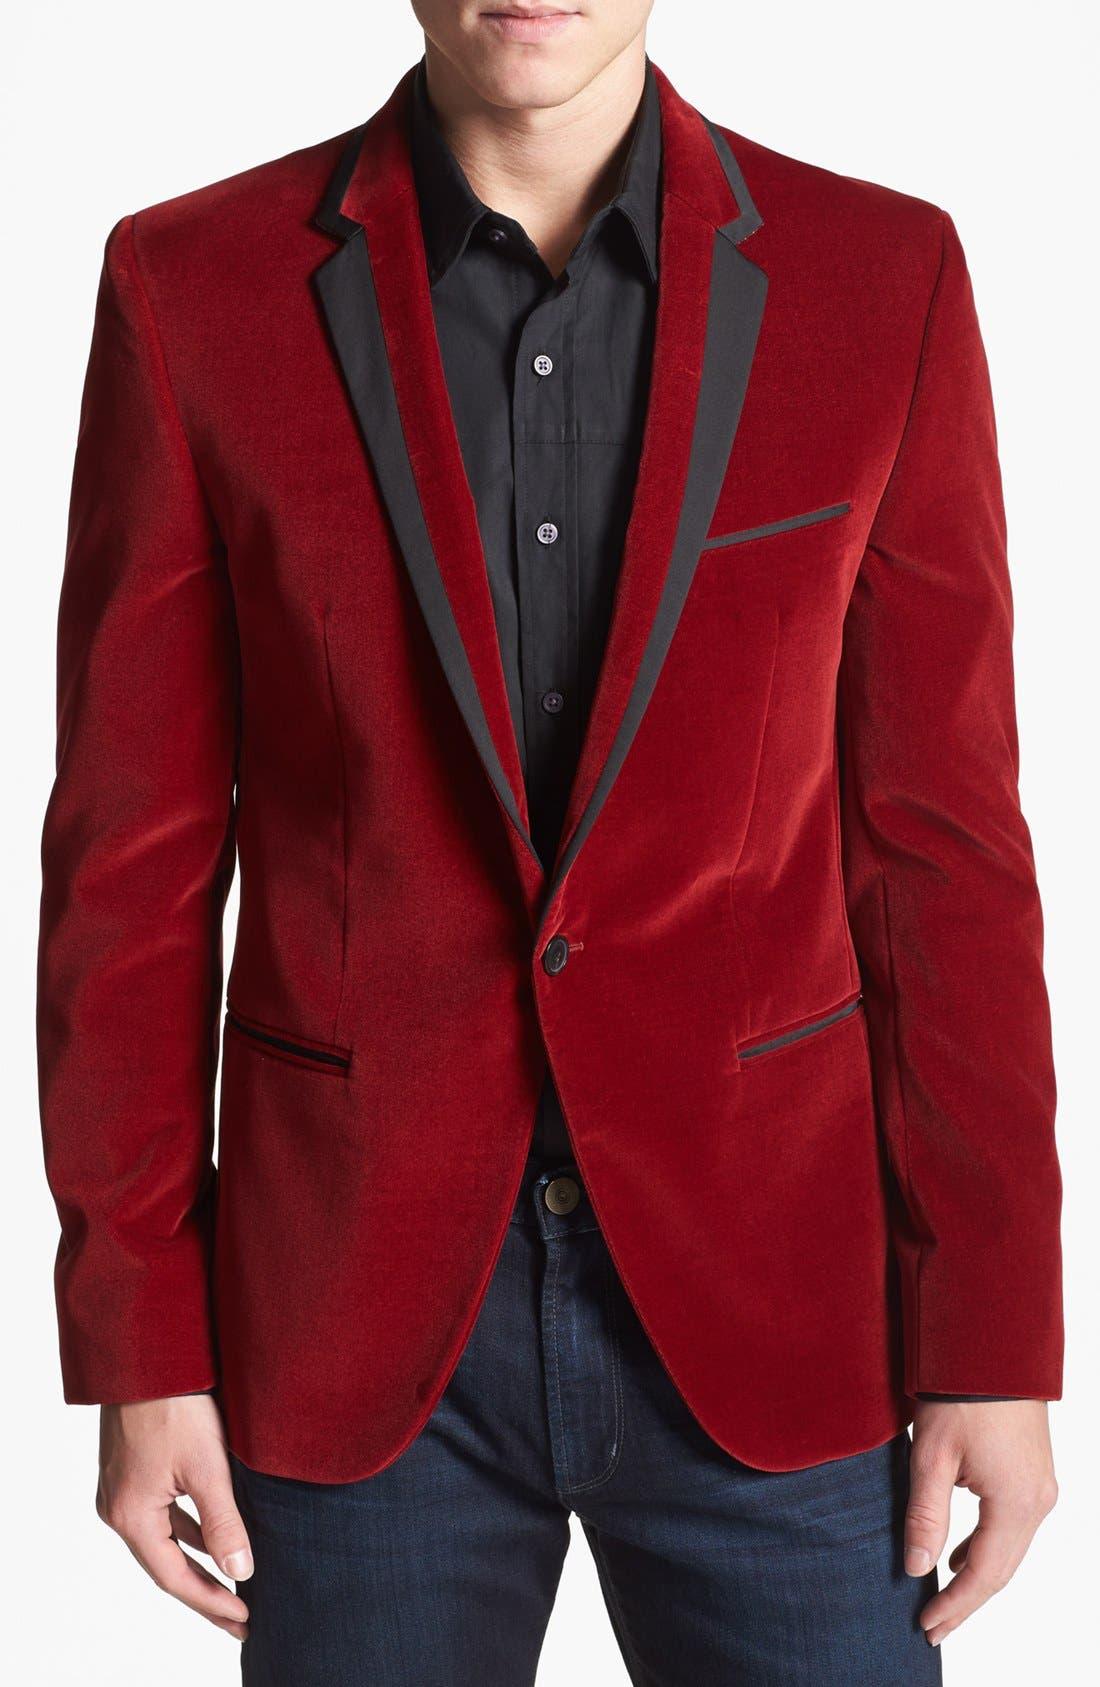 Alternate Image 1 Selected - HUGO 'Askell' Trim Fit Velvet Dinner Jacket